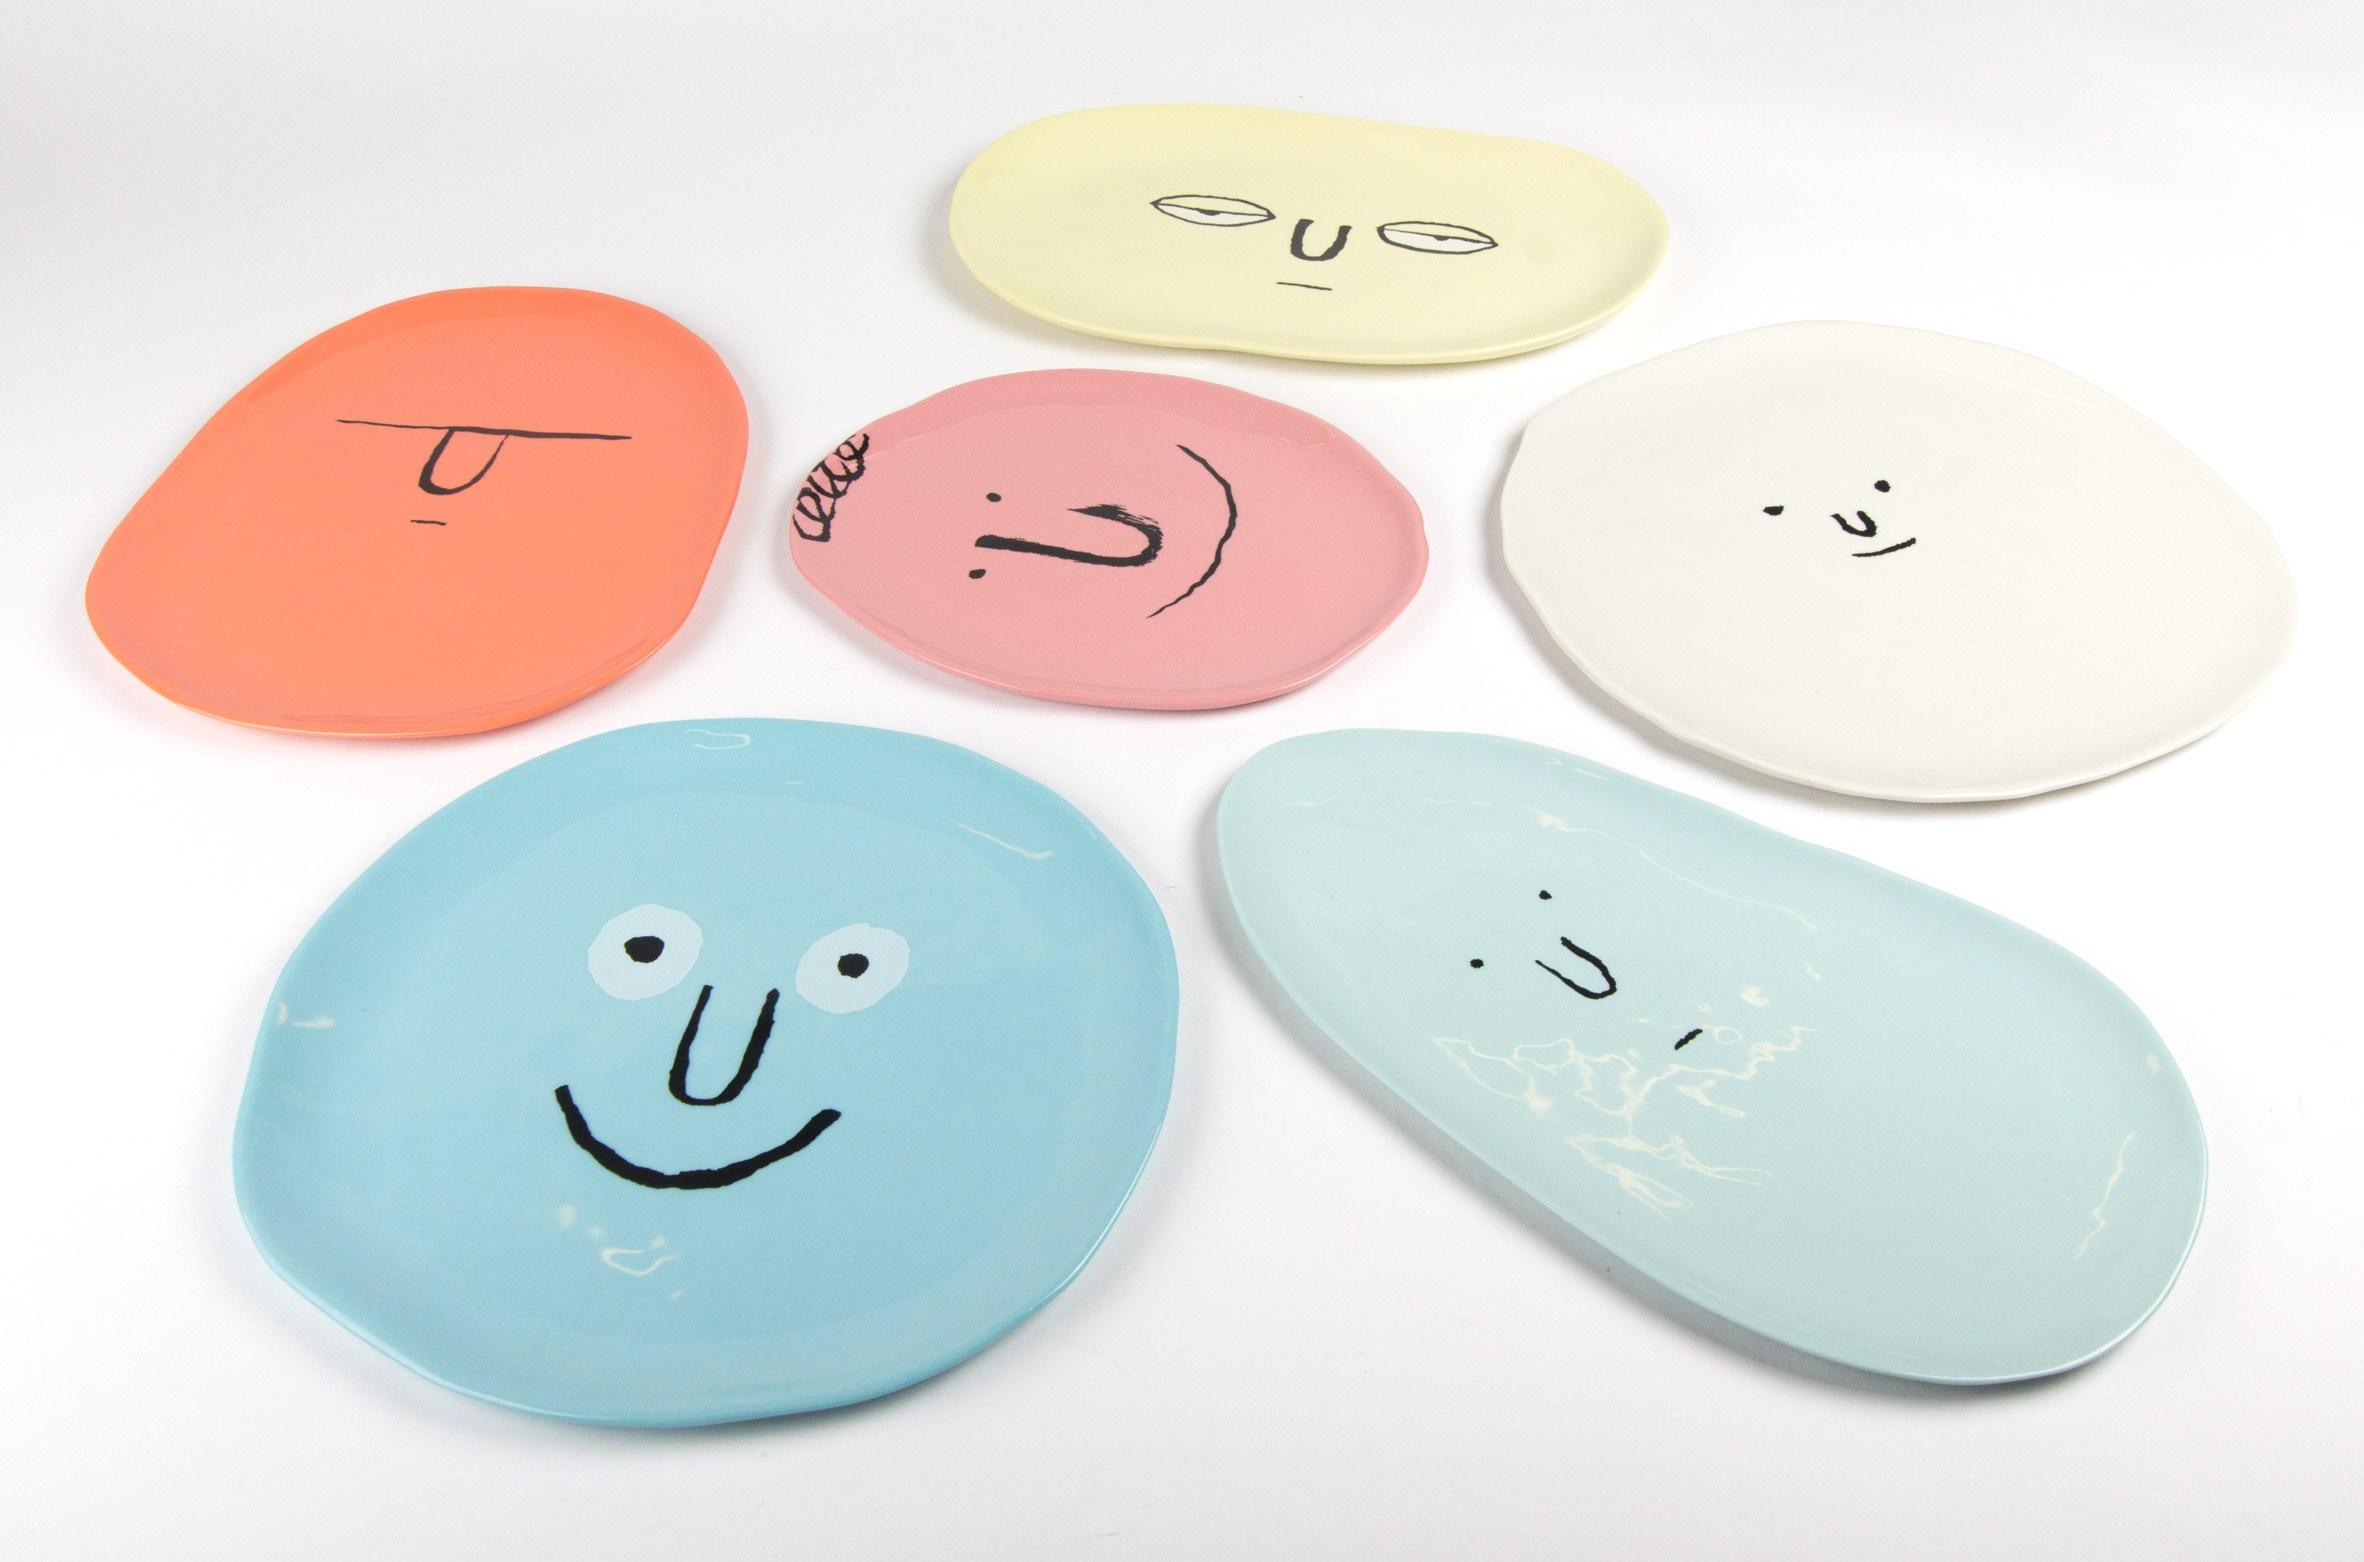 content_plain-magazine-jean-jullien-plates-02